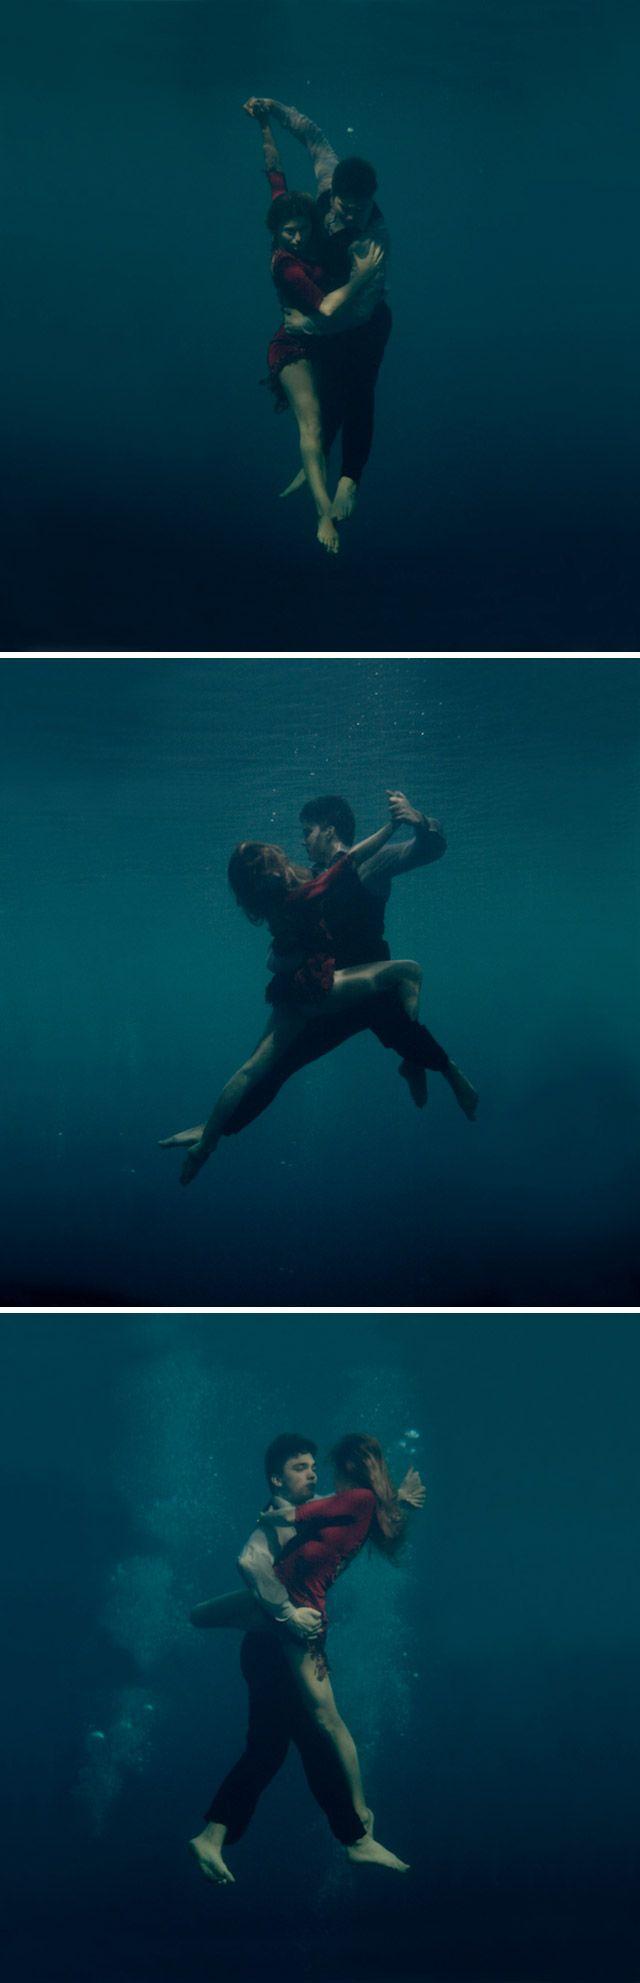 Fotógrafa retrata casal apaixonado dançando Tango debaixo d'água (http://www.hypeness.com.br/2013/03/fotografa-retrata-um-casal-apaixonado-dancando-tango-debaixo-dagua/#)